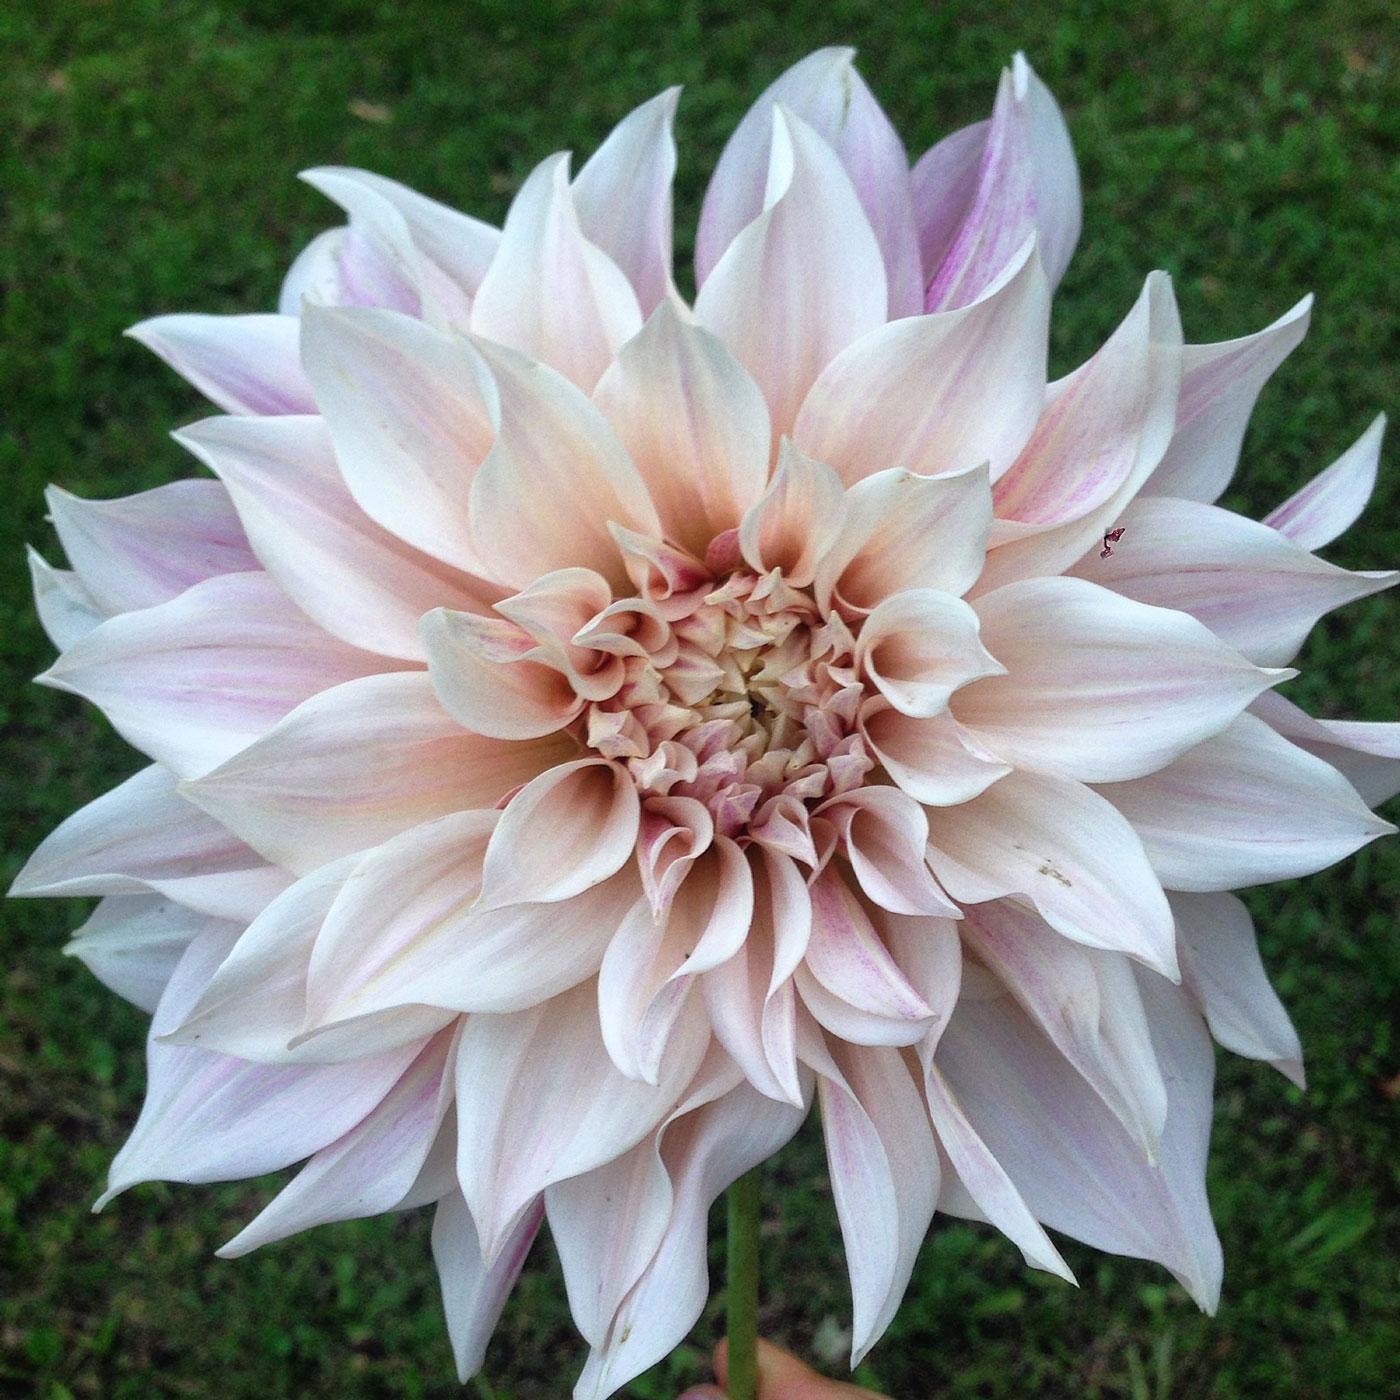 Coltivare Fiori Da Recidere olga's flower farm | workshop: dal giardino al vaso, coltiva